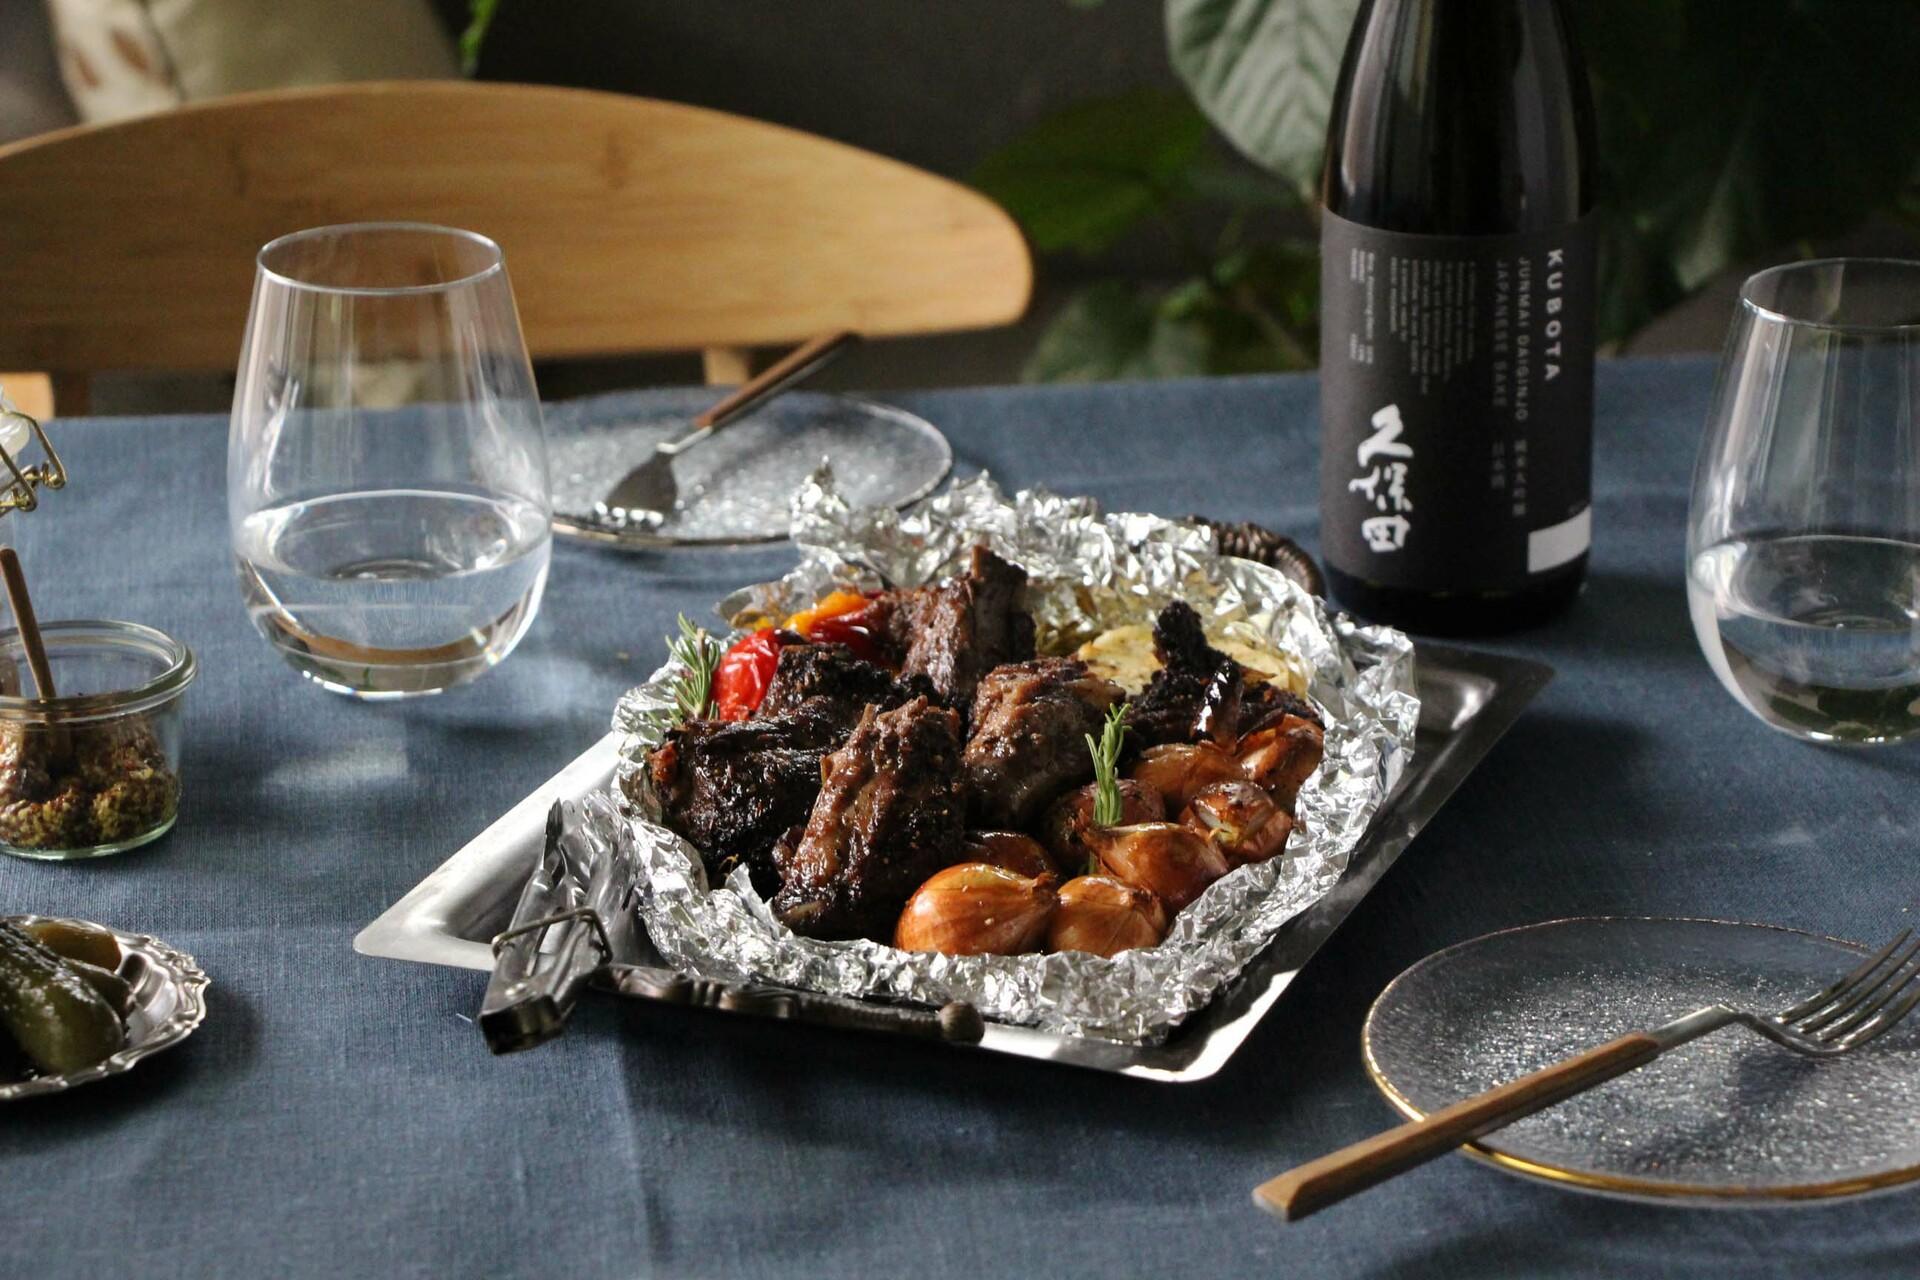 日本酒をもっと楽しむおつまみレシピ|スペアリブのくるみバター焼き